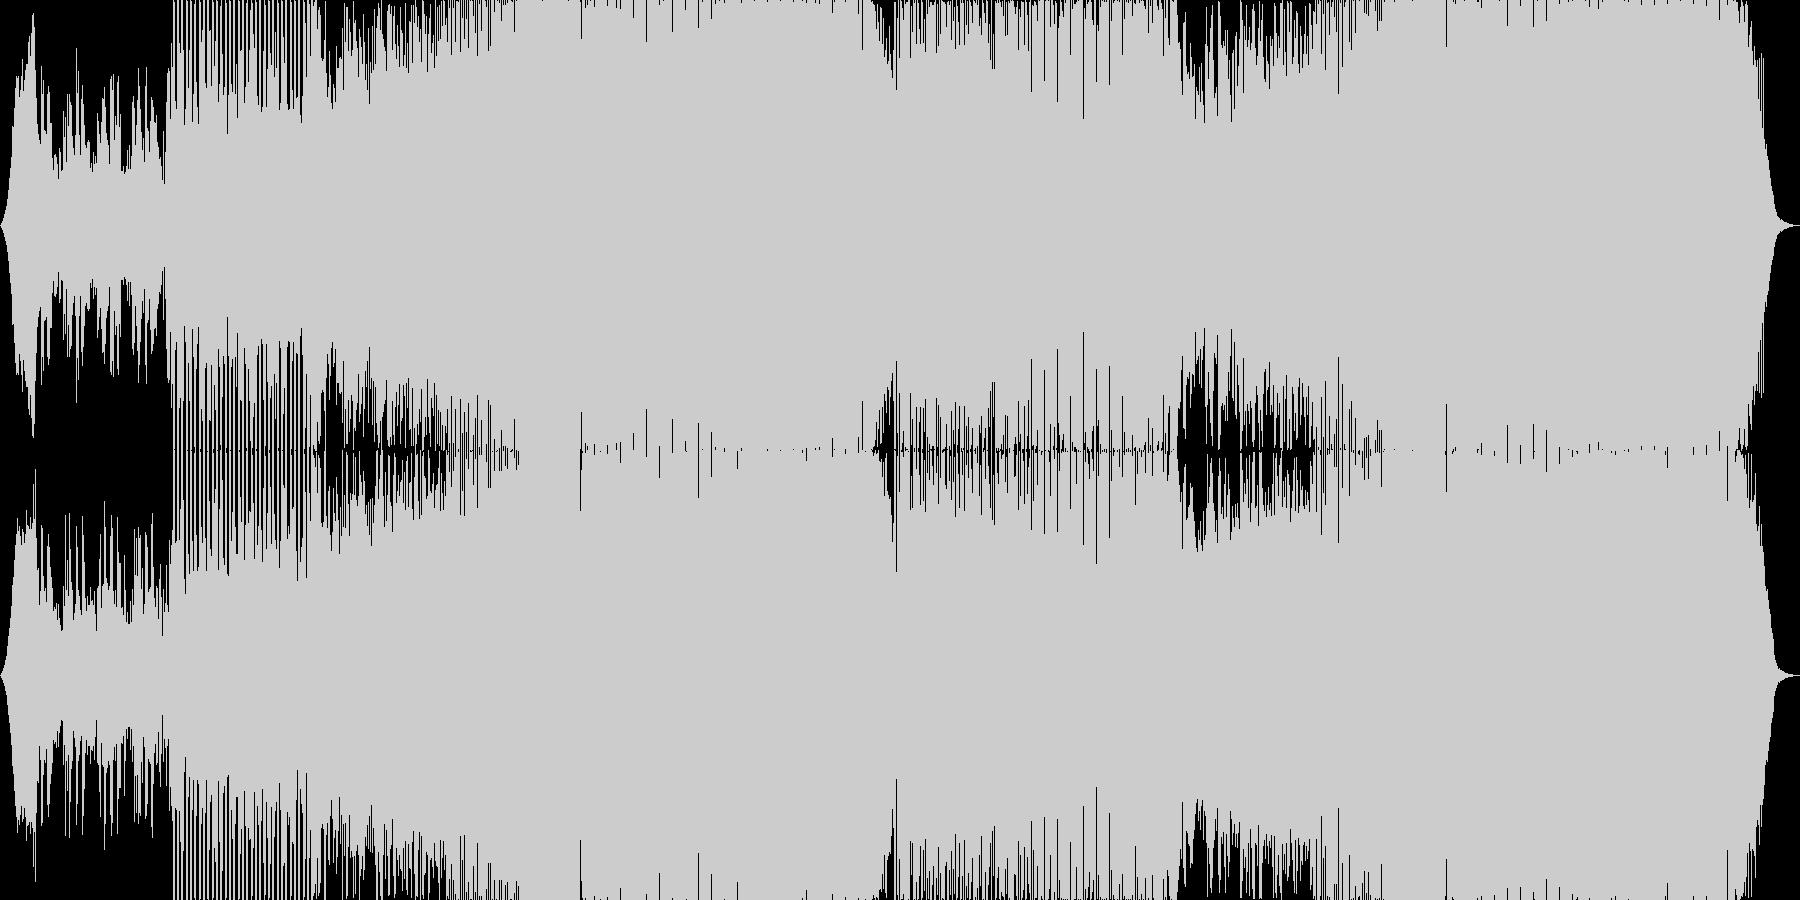 少し切なく勢いの在るハウスミュージック。の未再生の波形